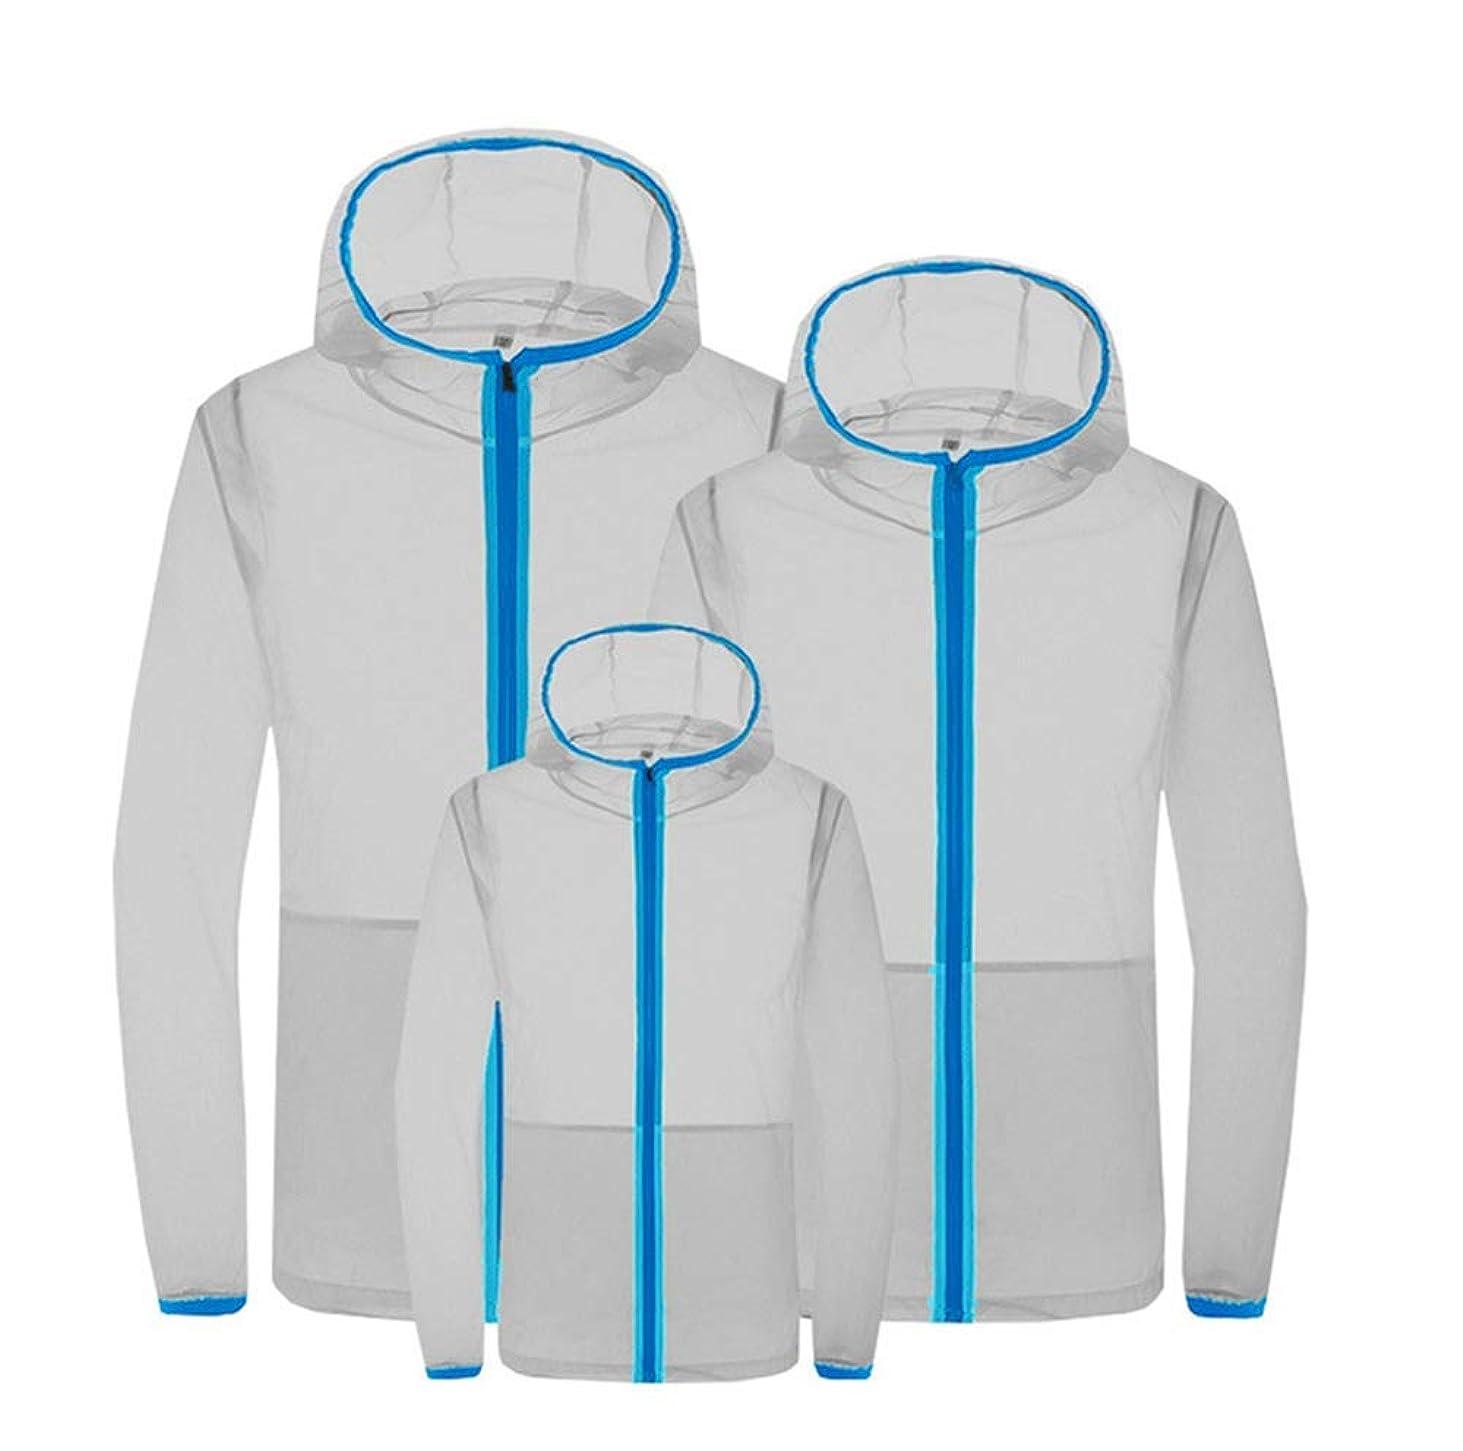 警告ベールビーム夏のエアコンスーツスマート3速冷却スーツ日焼け防止服防滴防蚊服ファン冷却肌の服,Gray,S